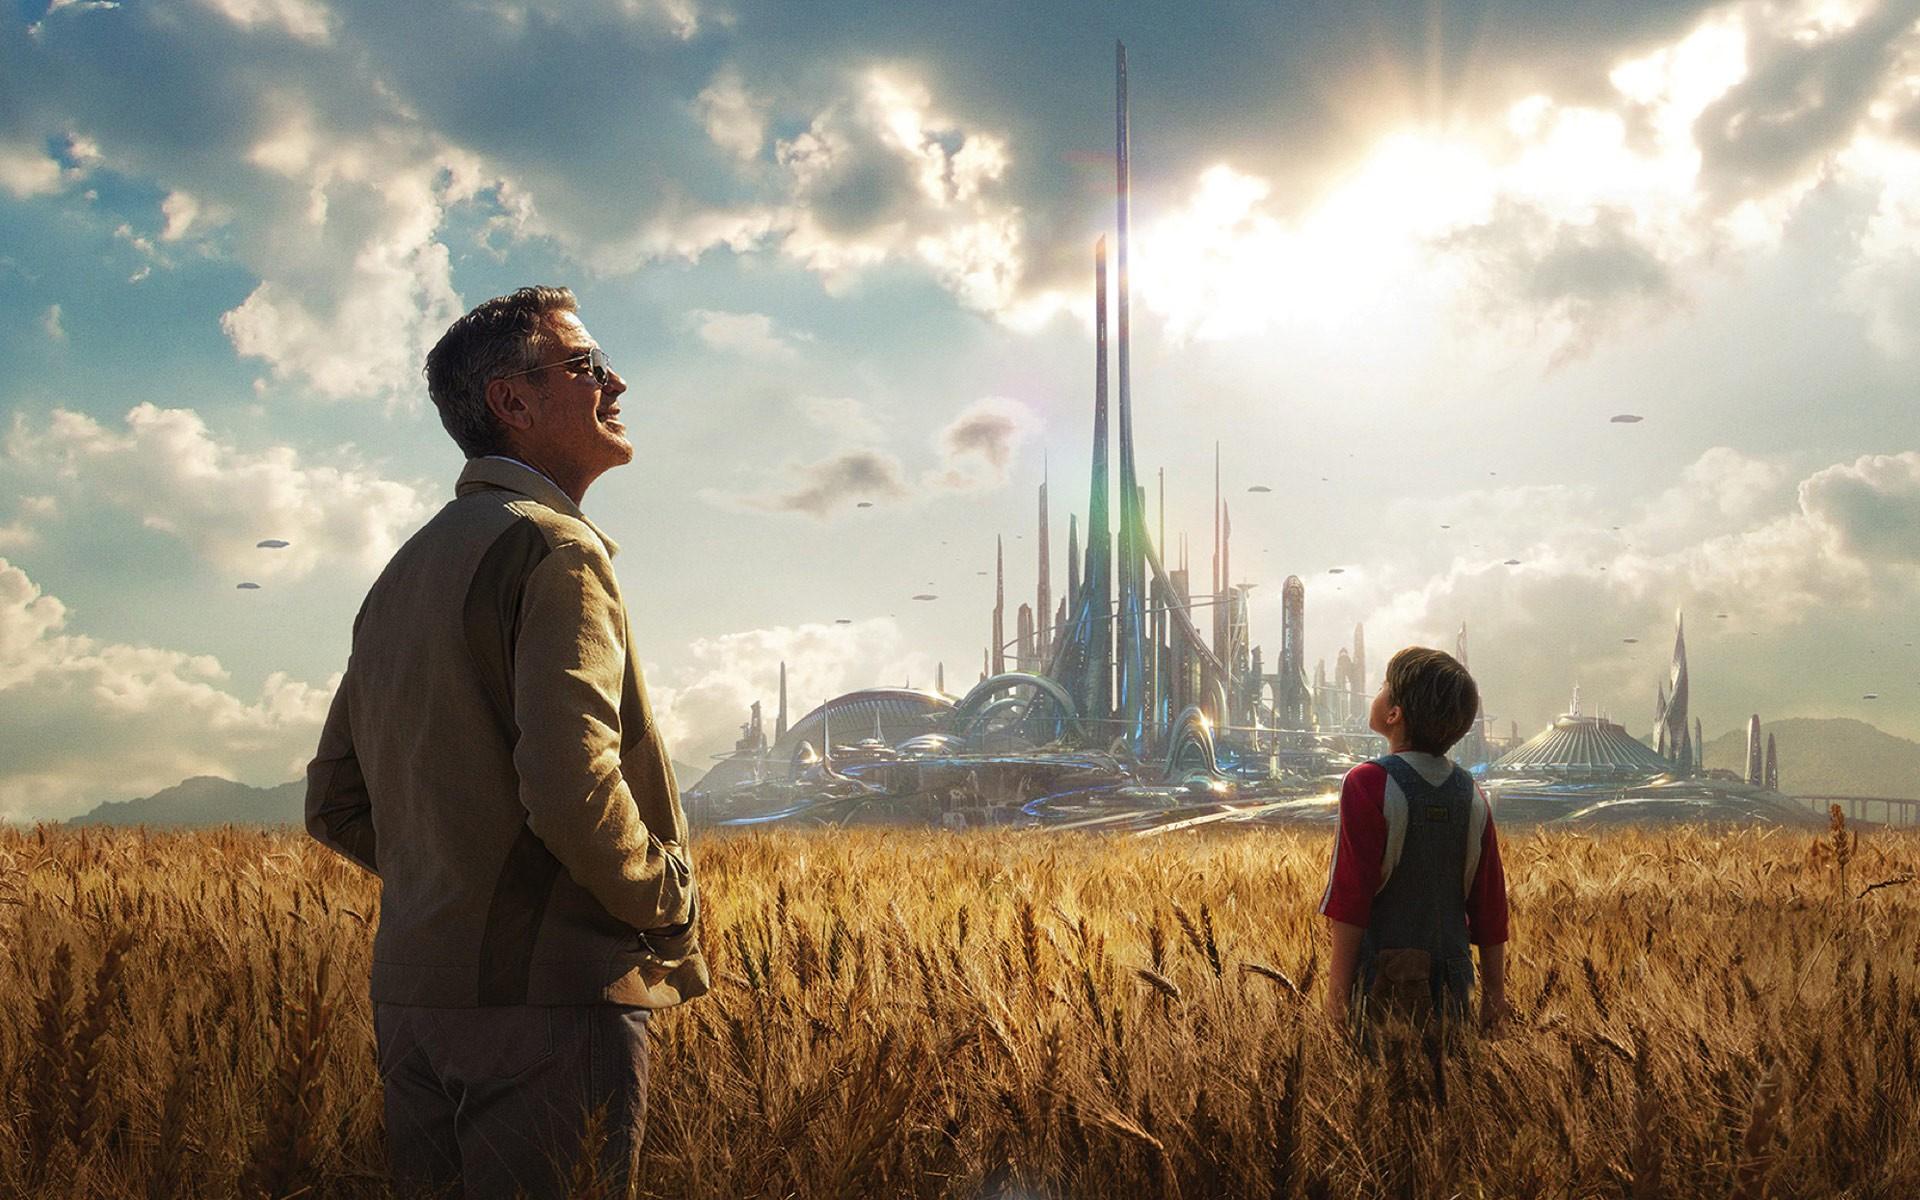 Baixar tomorrowland 2 Tomorrowland: Um Lugar Onde Nada é Impossível Dublado e Dual Audio Download